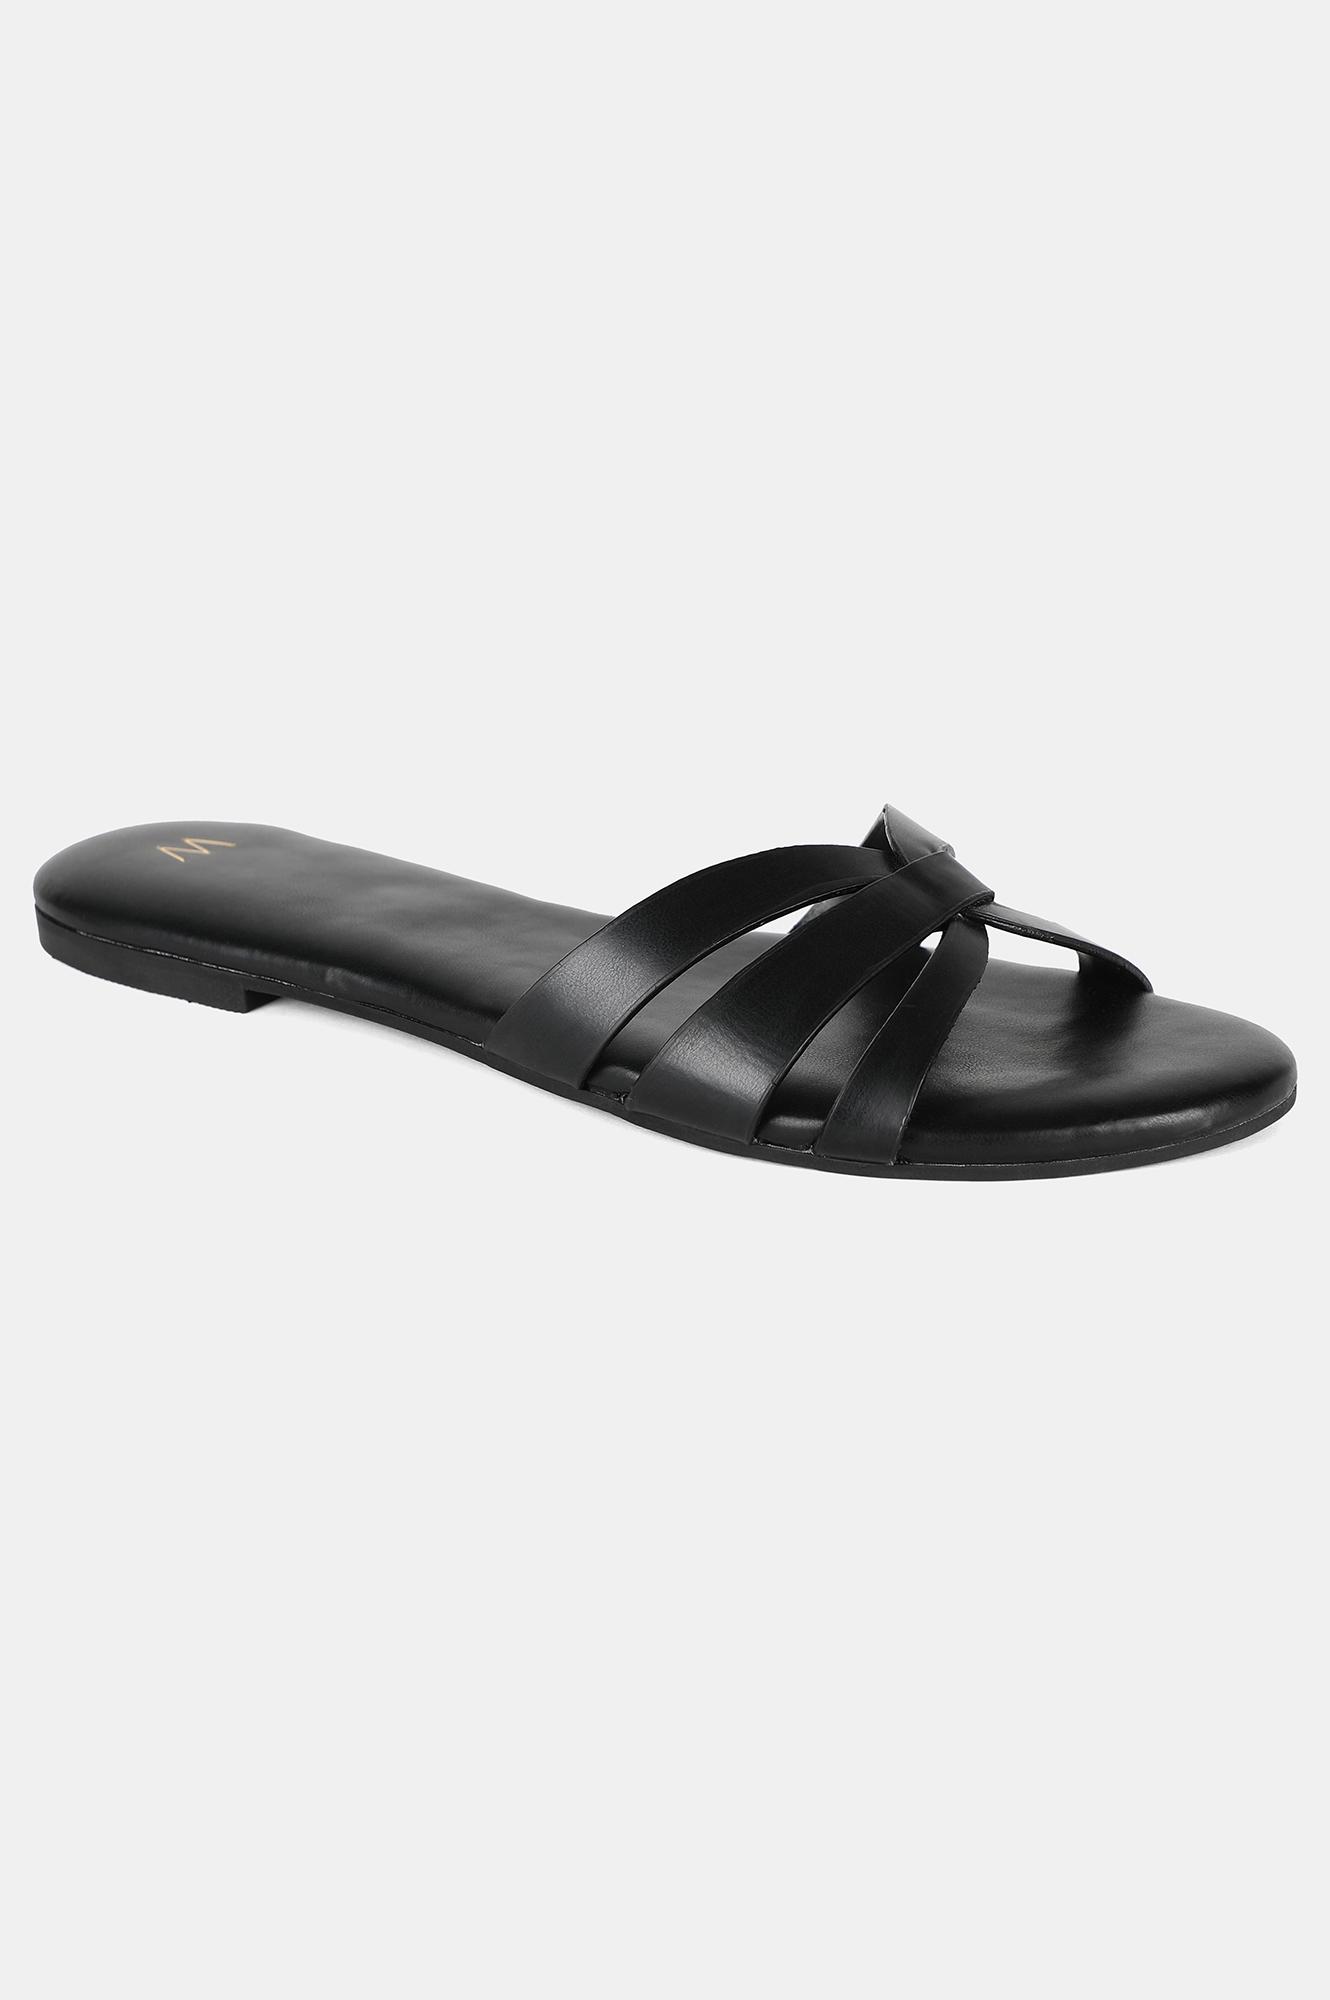 W | Black Almond Toe Solid Flat